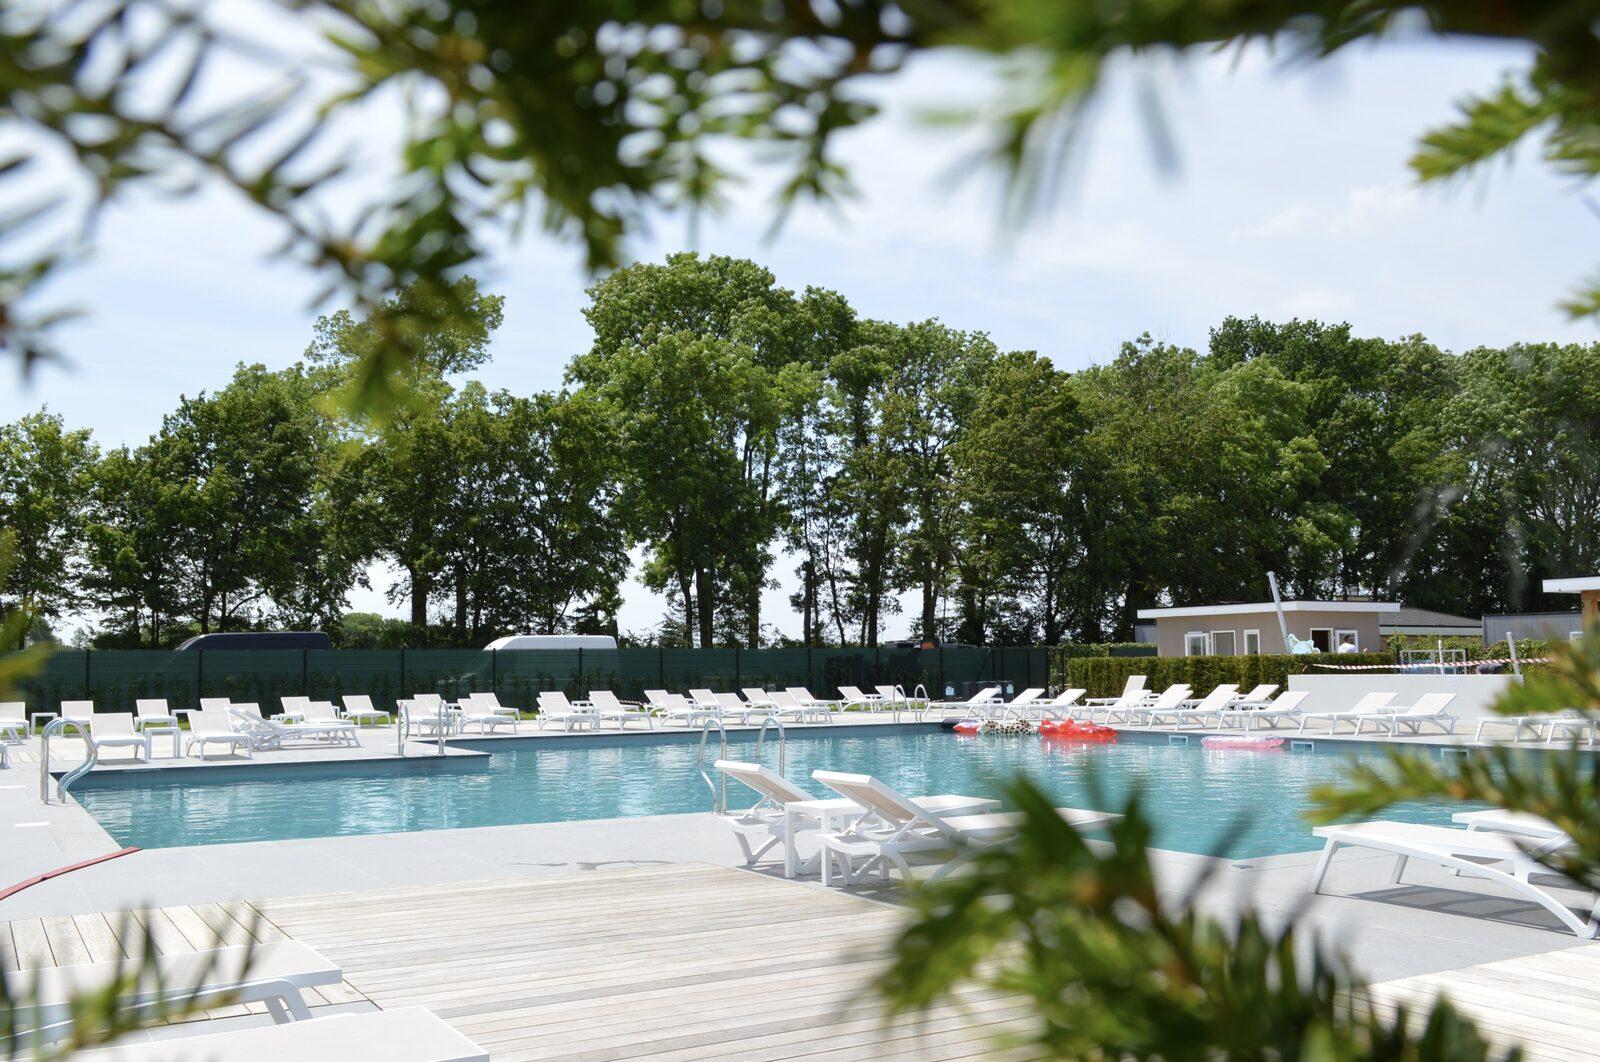 Parc de vacances situé dans le Limbourg et comportant une piscine